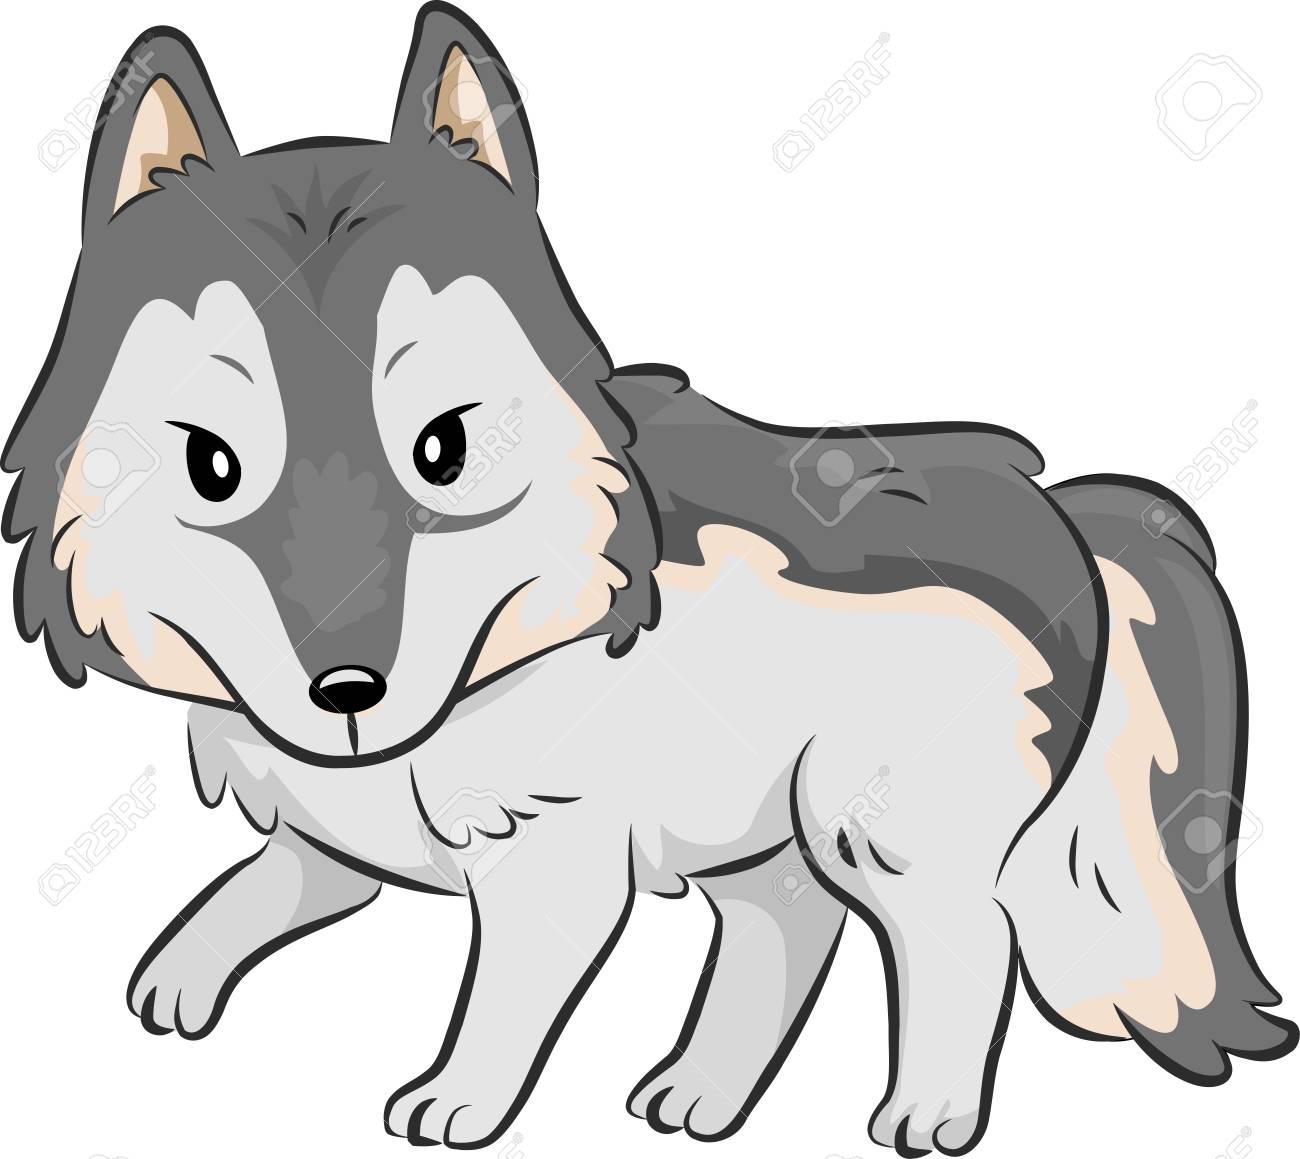 散策狼のキュートなイラスト の写真素材画像素材 Image 43639101